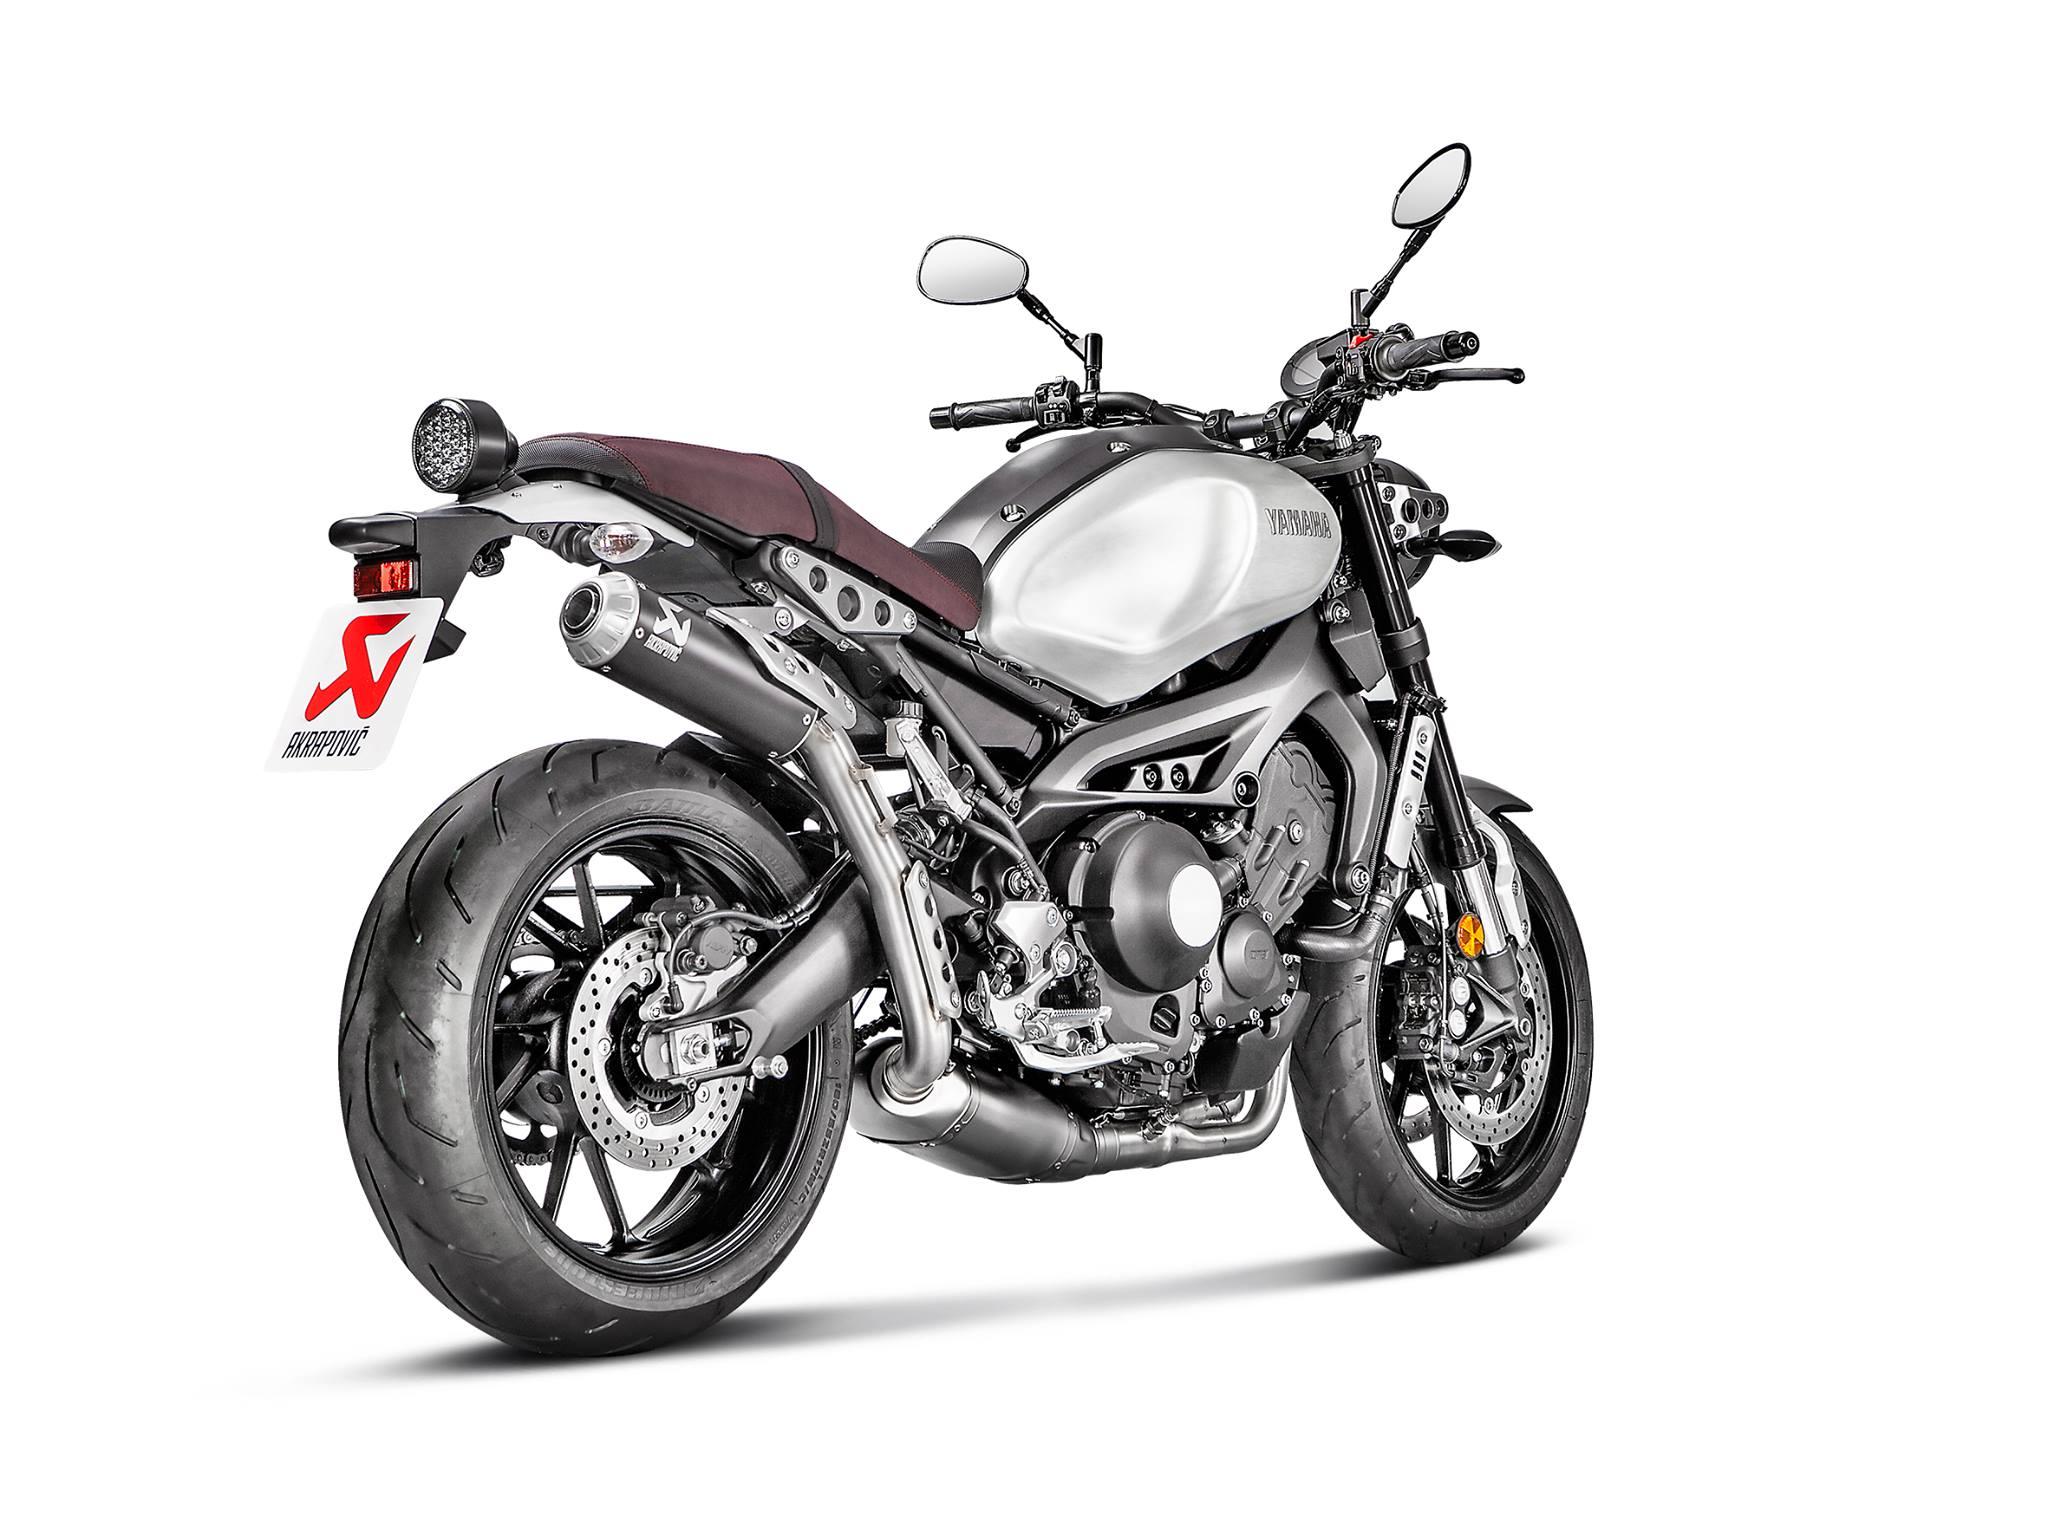 new akrapovi kit for yamaha xsr 900 bikesrepublic. Black Bedroom Furniture Sets. Home Design Ideas